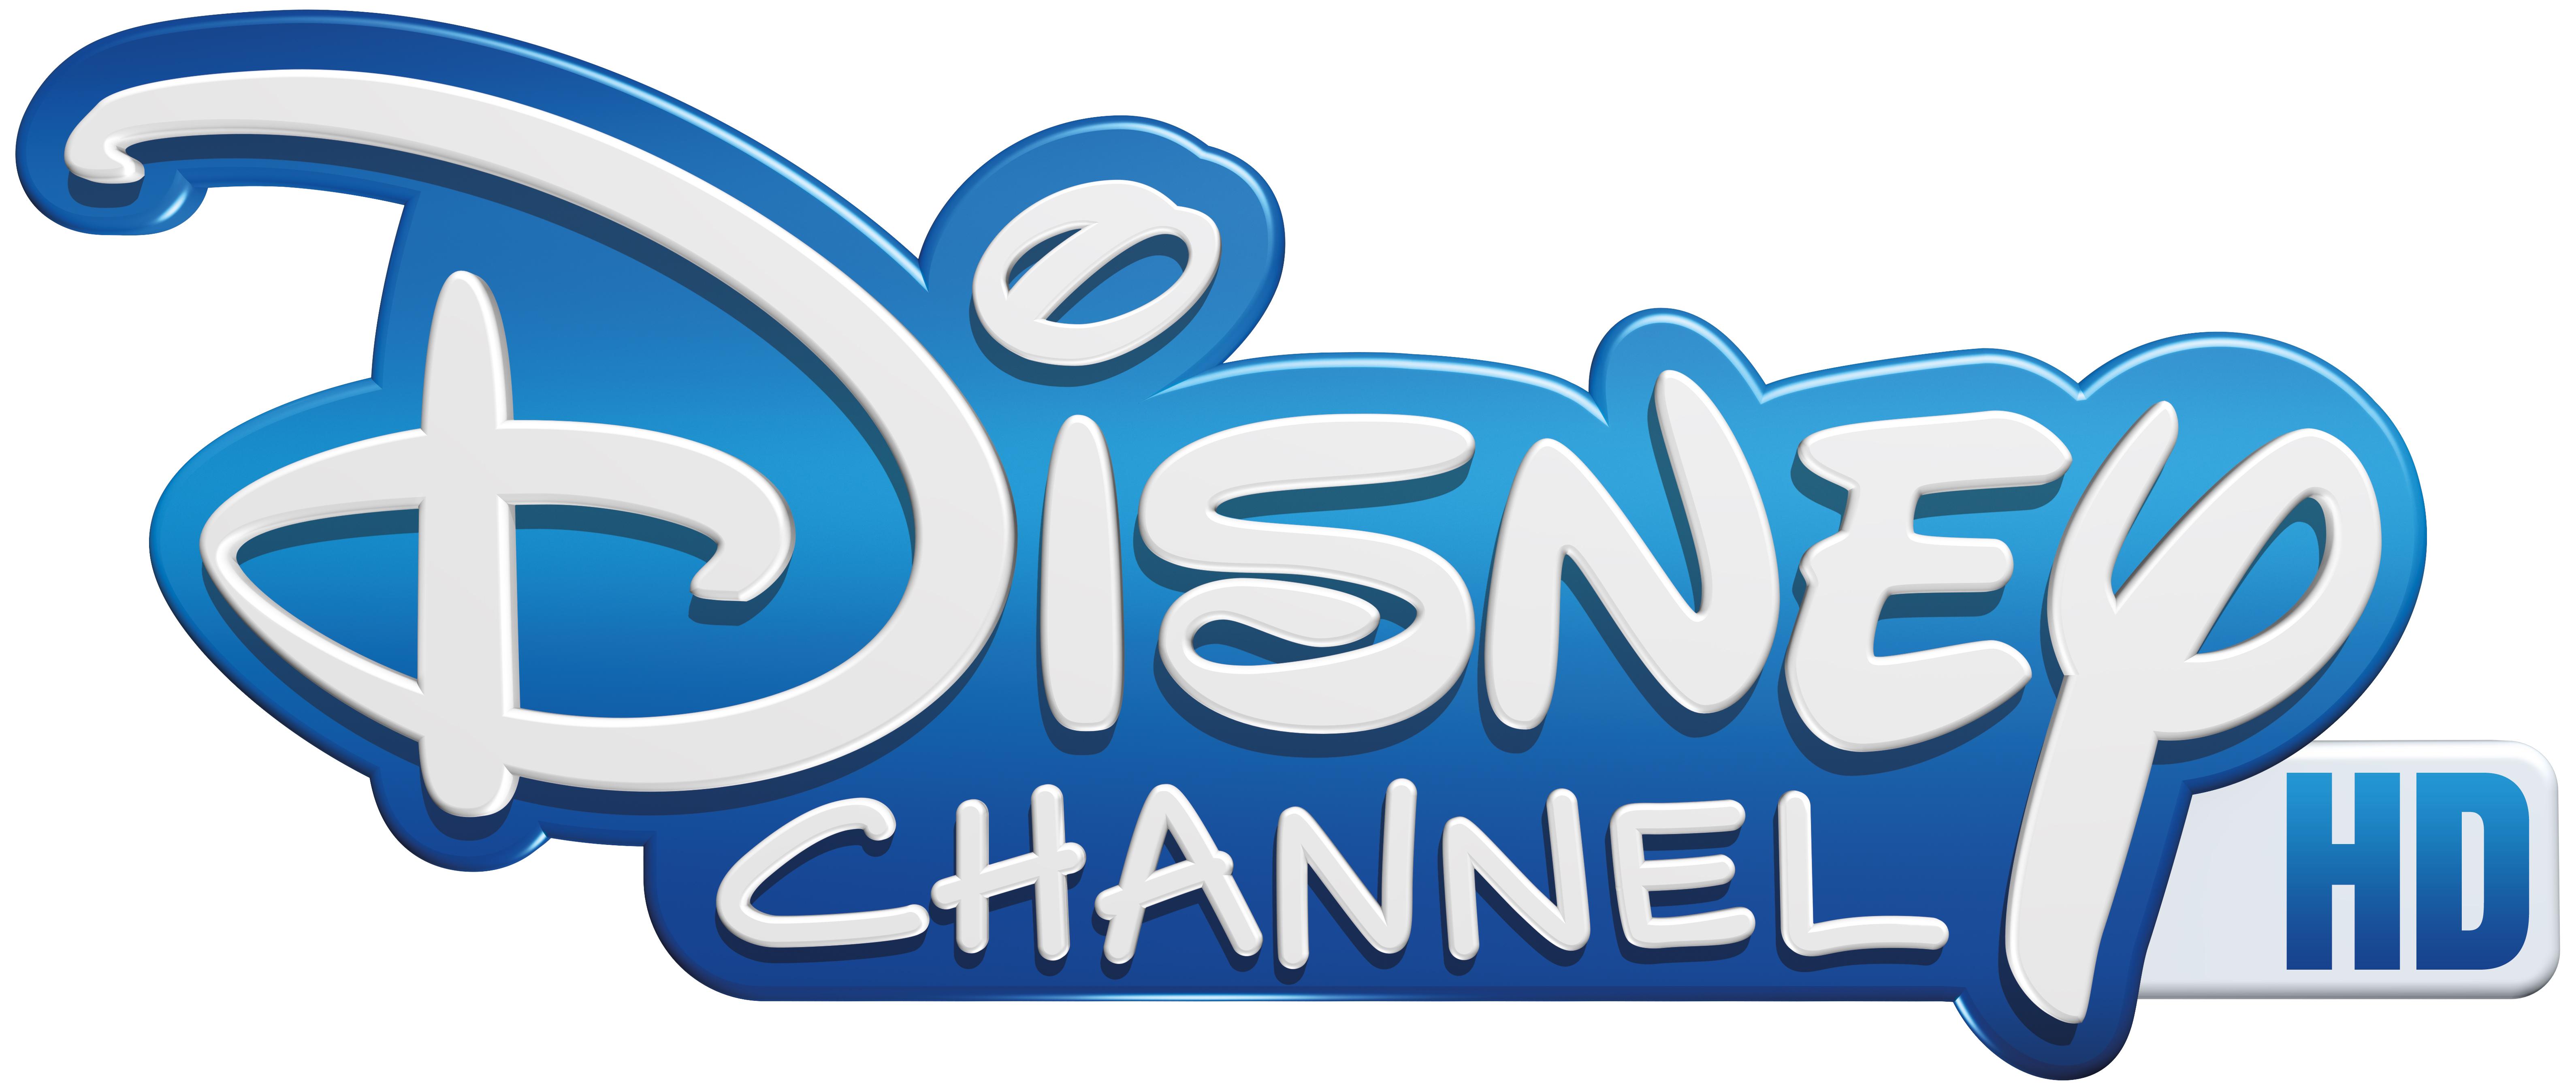 Disney Channel HD im Kabelfernsehen